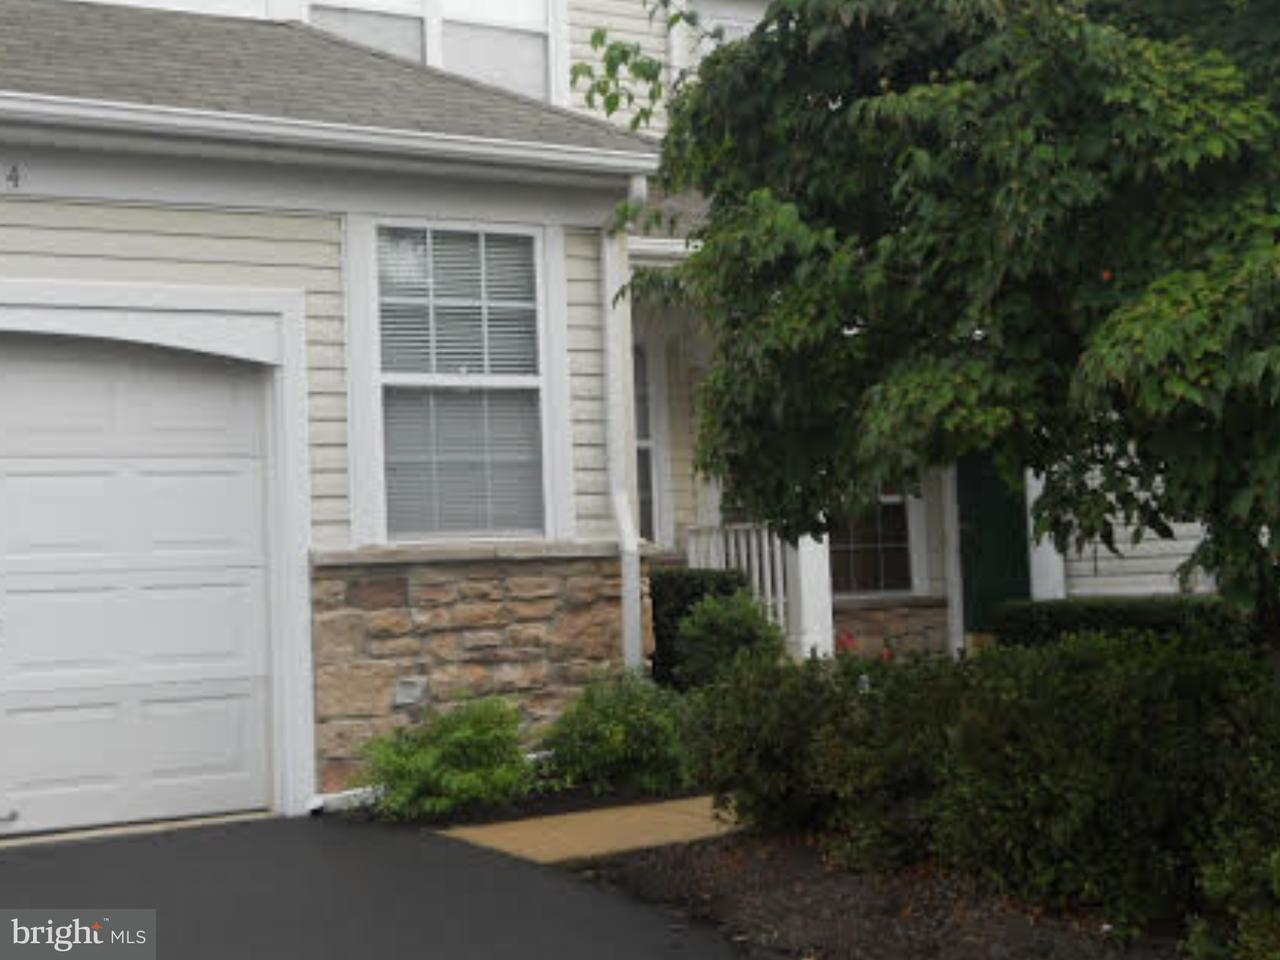 联栋屋 为 出租 在 614 WEYMOUTH CT #45 新希望镇, 宾夕法尼亚州 18938 美国在/周边: Solebury Township